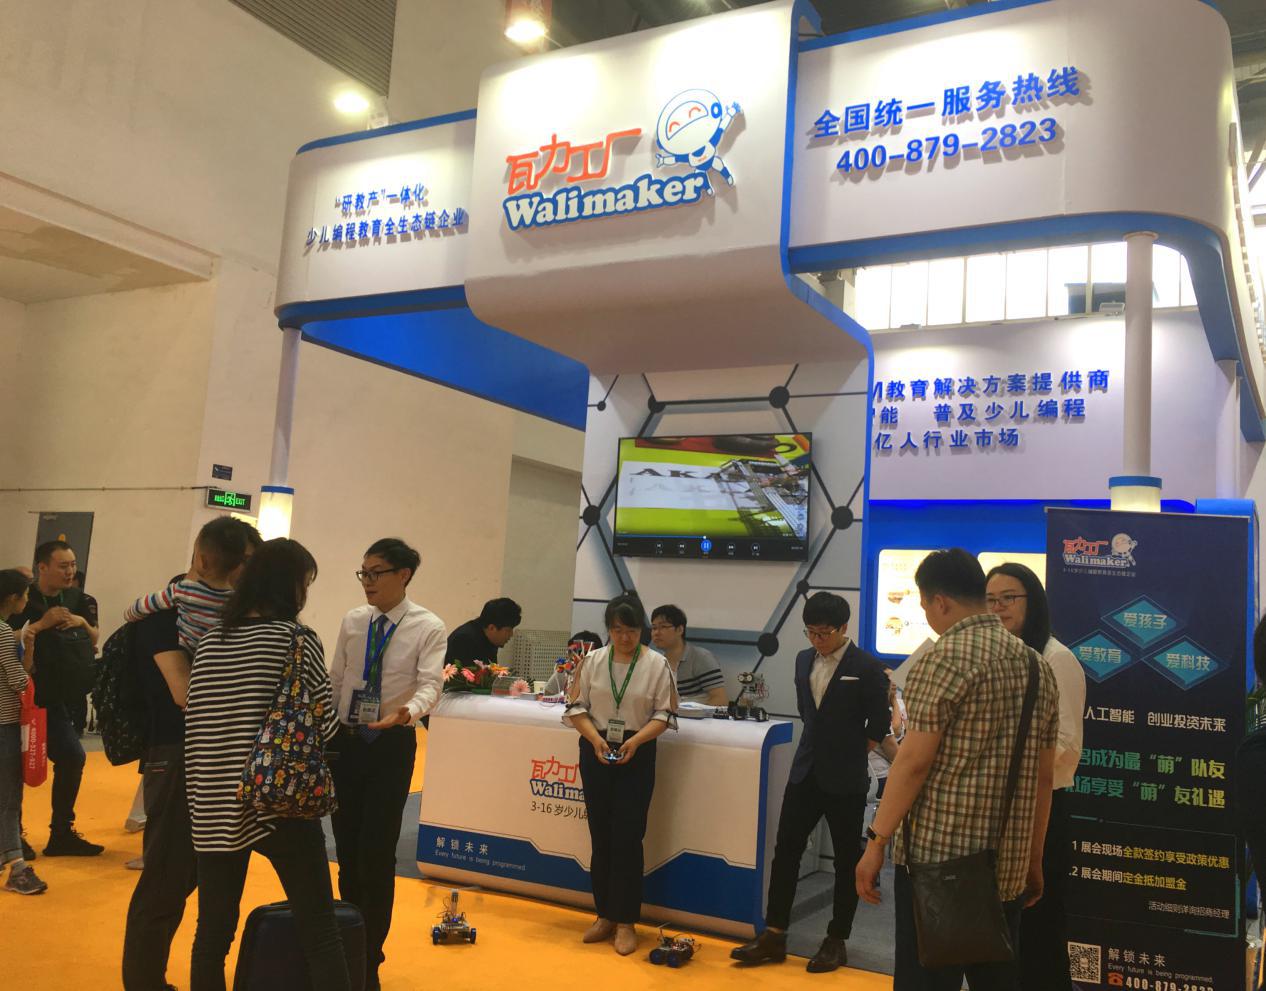 瓦力工厂亮相中国特许加盟展,备受教育投资人士关注